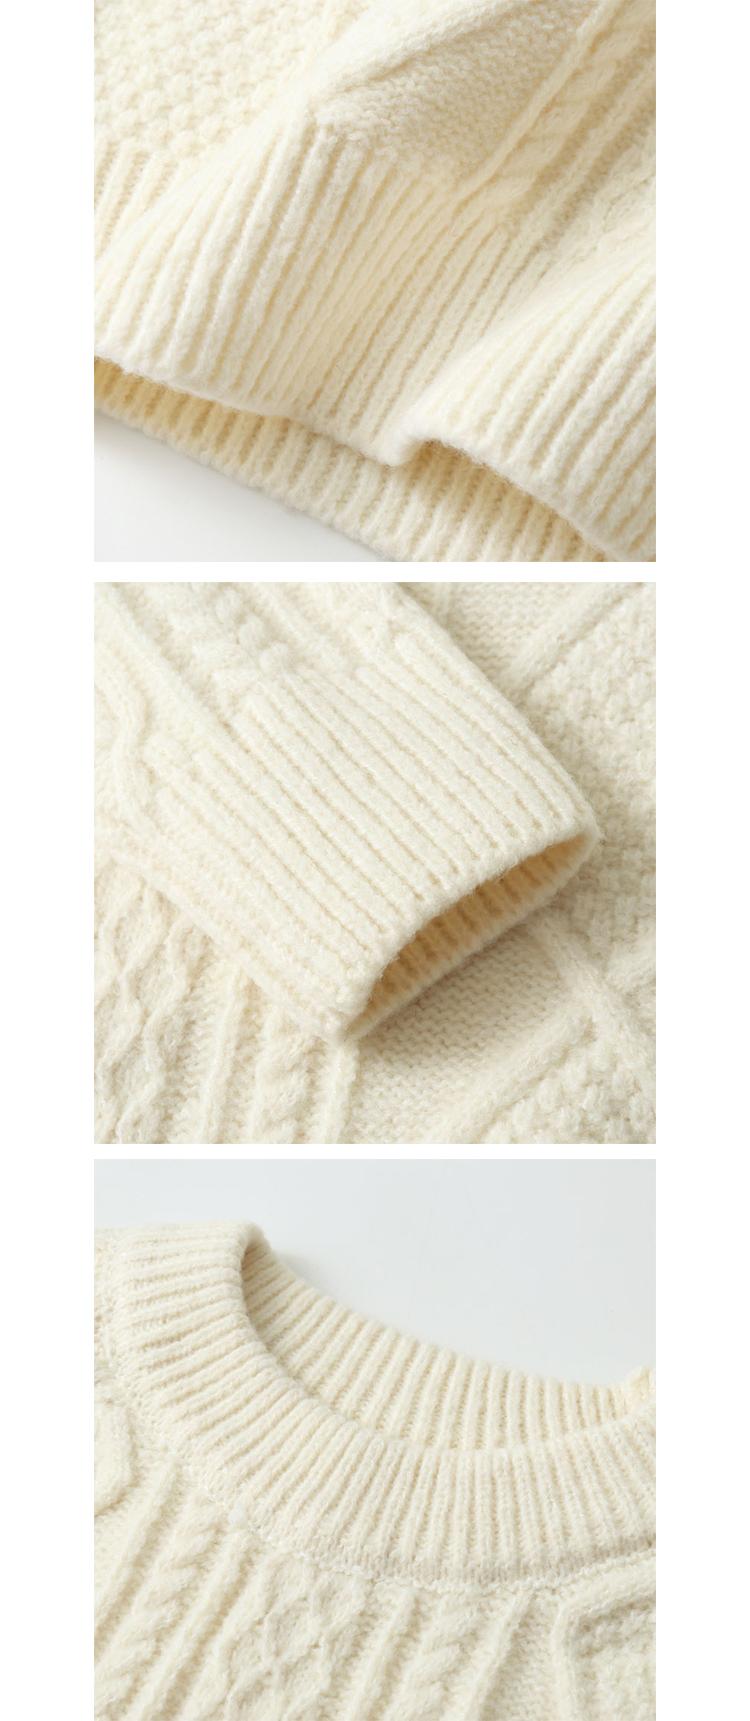 慵懶寬鬆.復古麻花針織毛衣